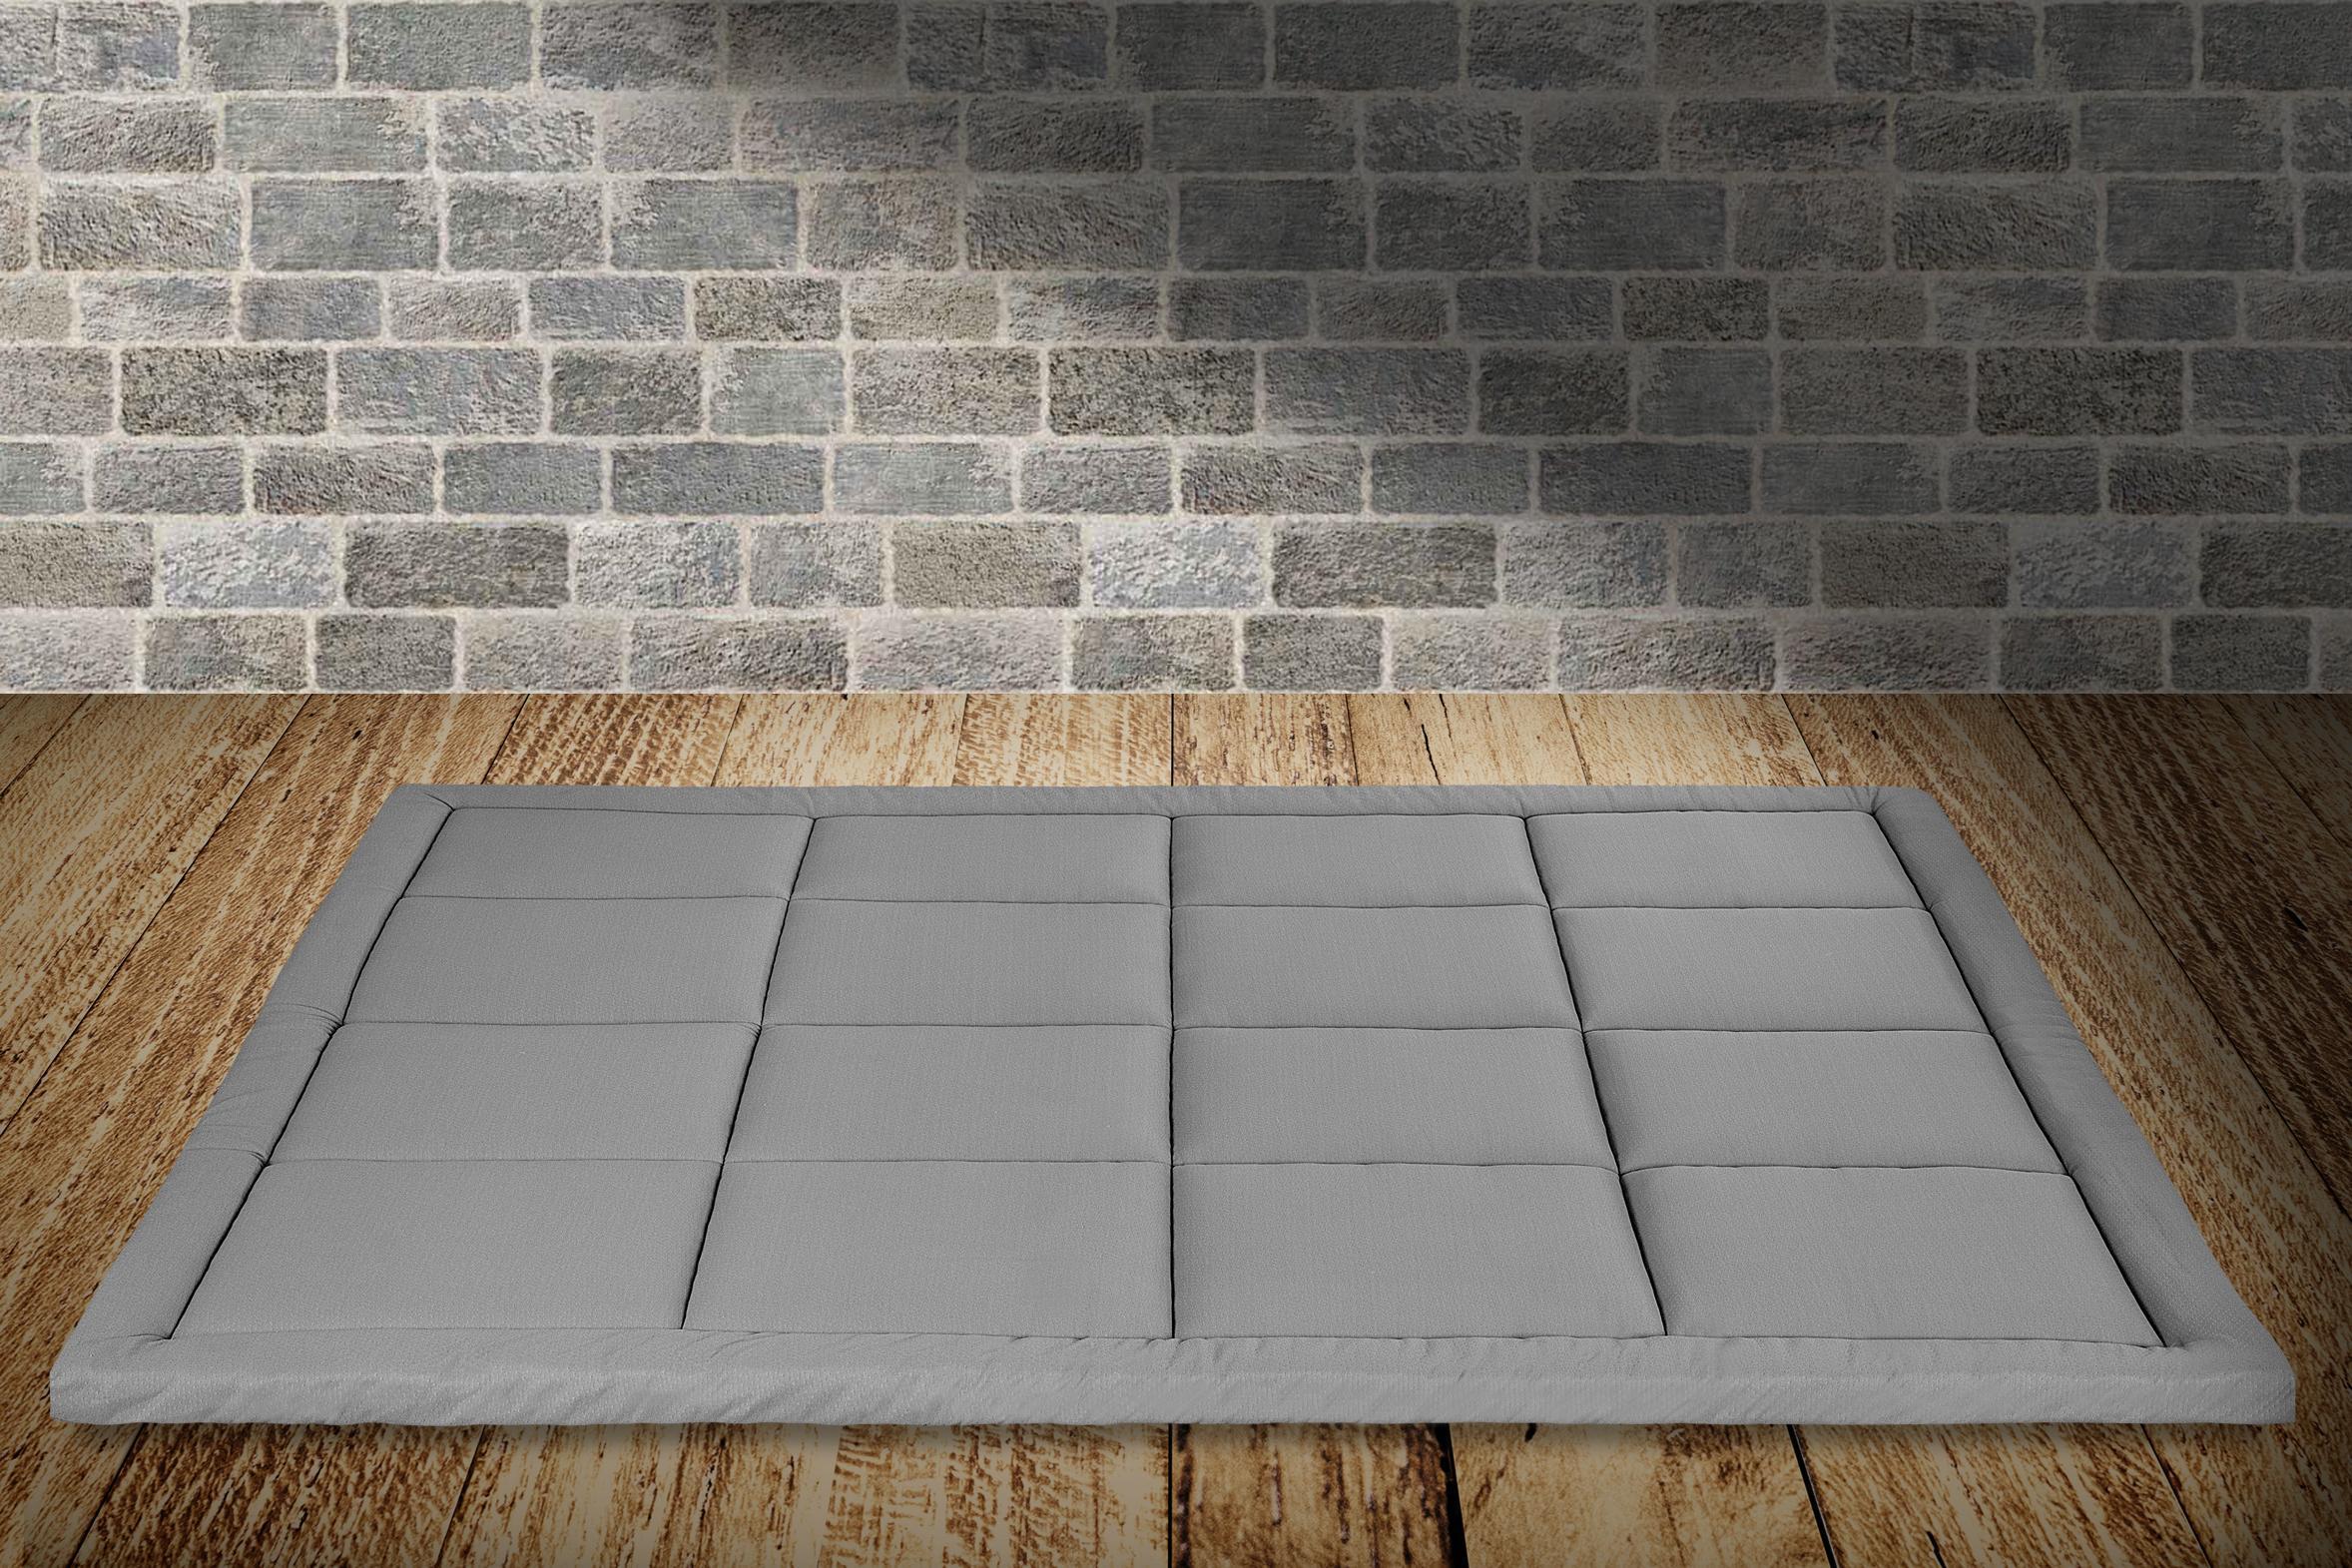 matelas futon pliable  lit d u0026 39 appoint   matelas pour sol